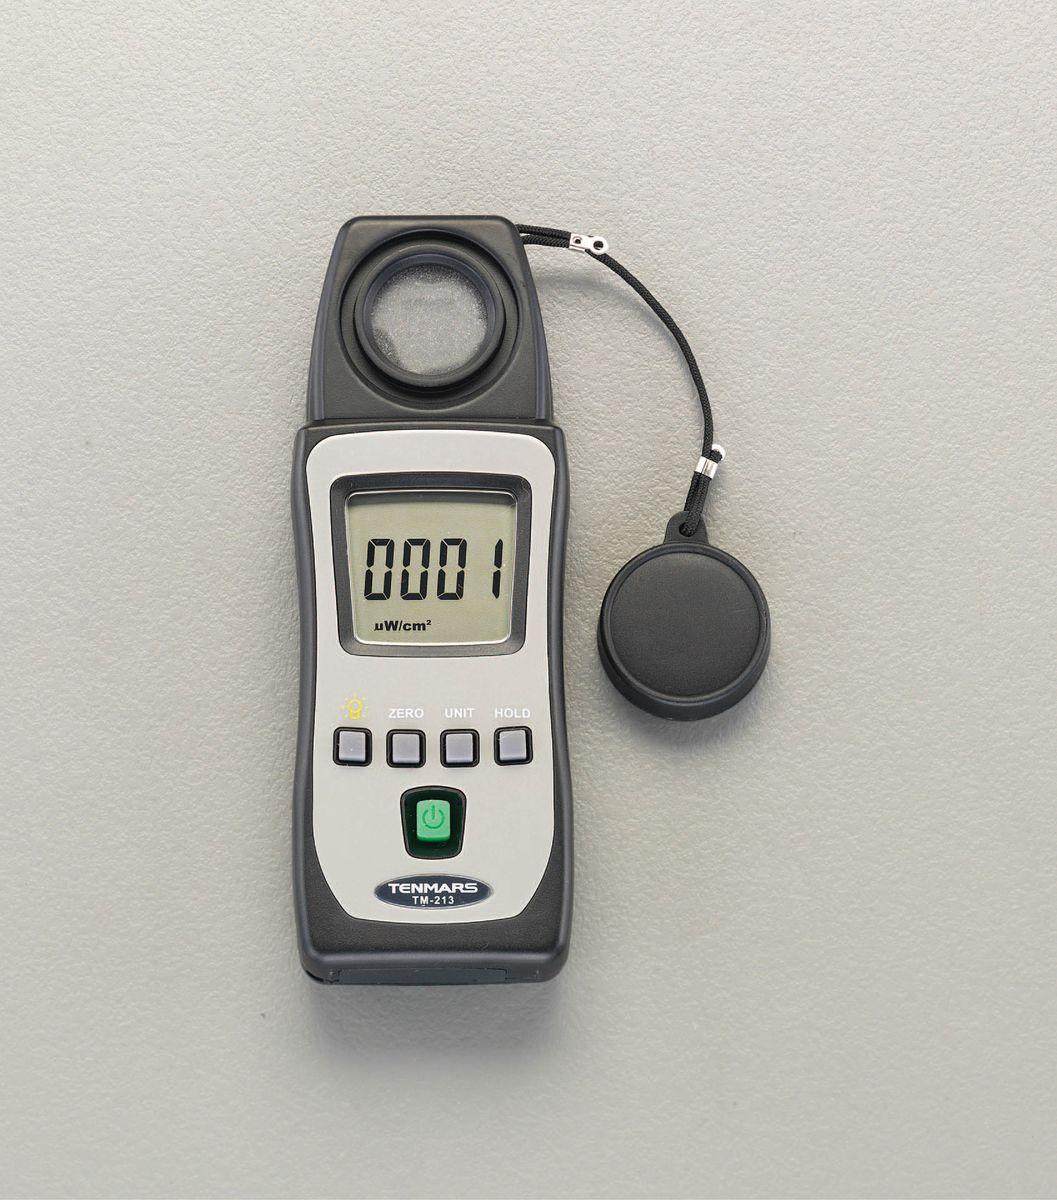 【メーカー在庫あり】 エスコ ESCO デジタルミニ紫外線メーター 000012227783 HD店